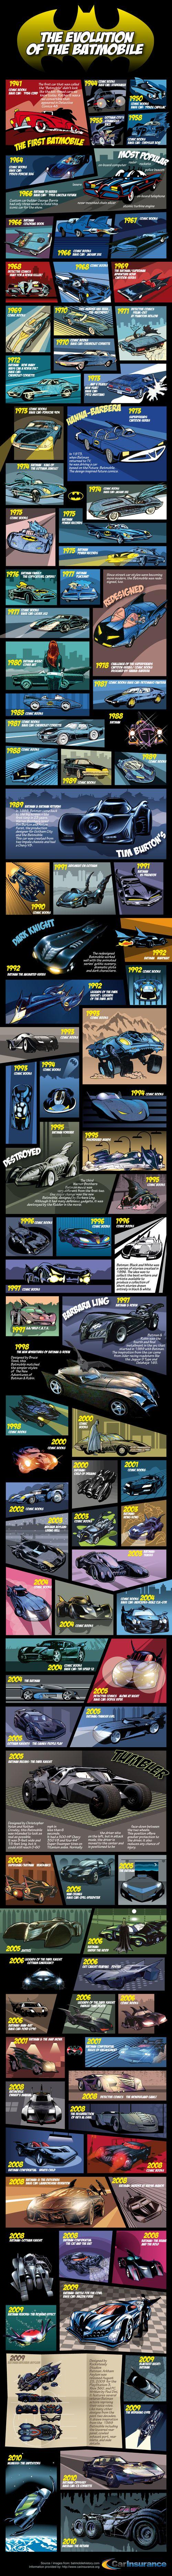 Infográfico: A evolução do batmóvel   Assuntos Criativos